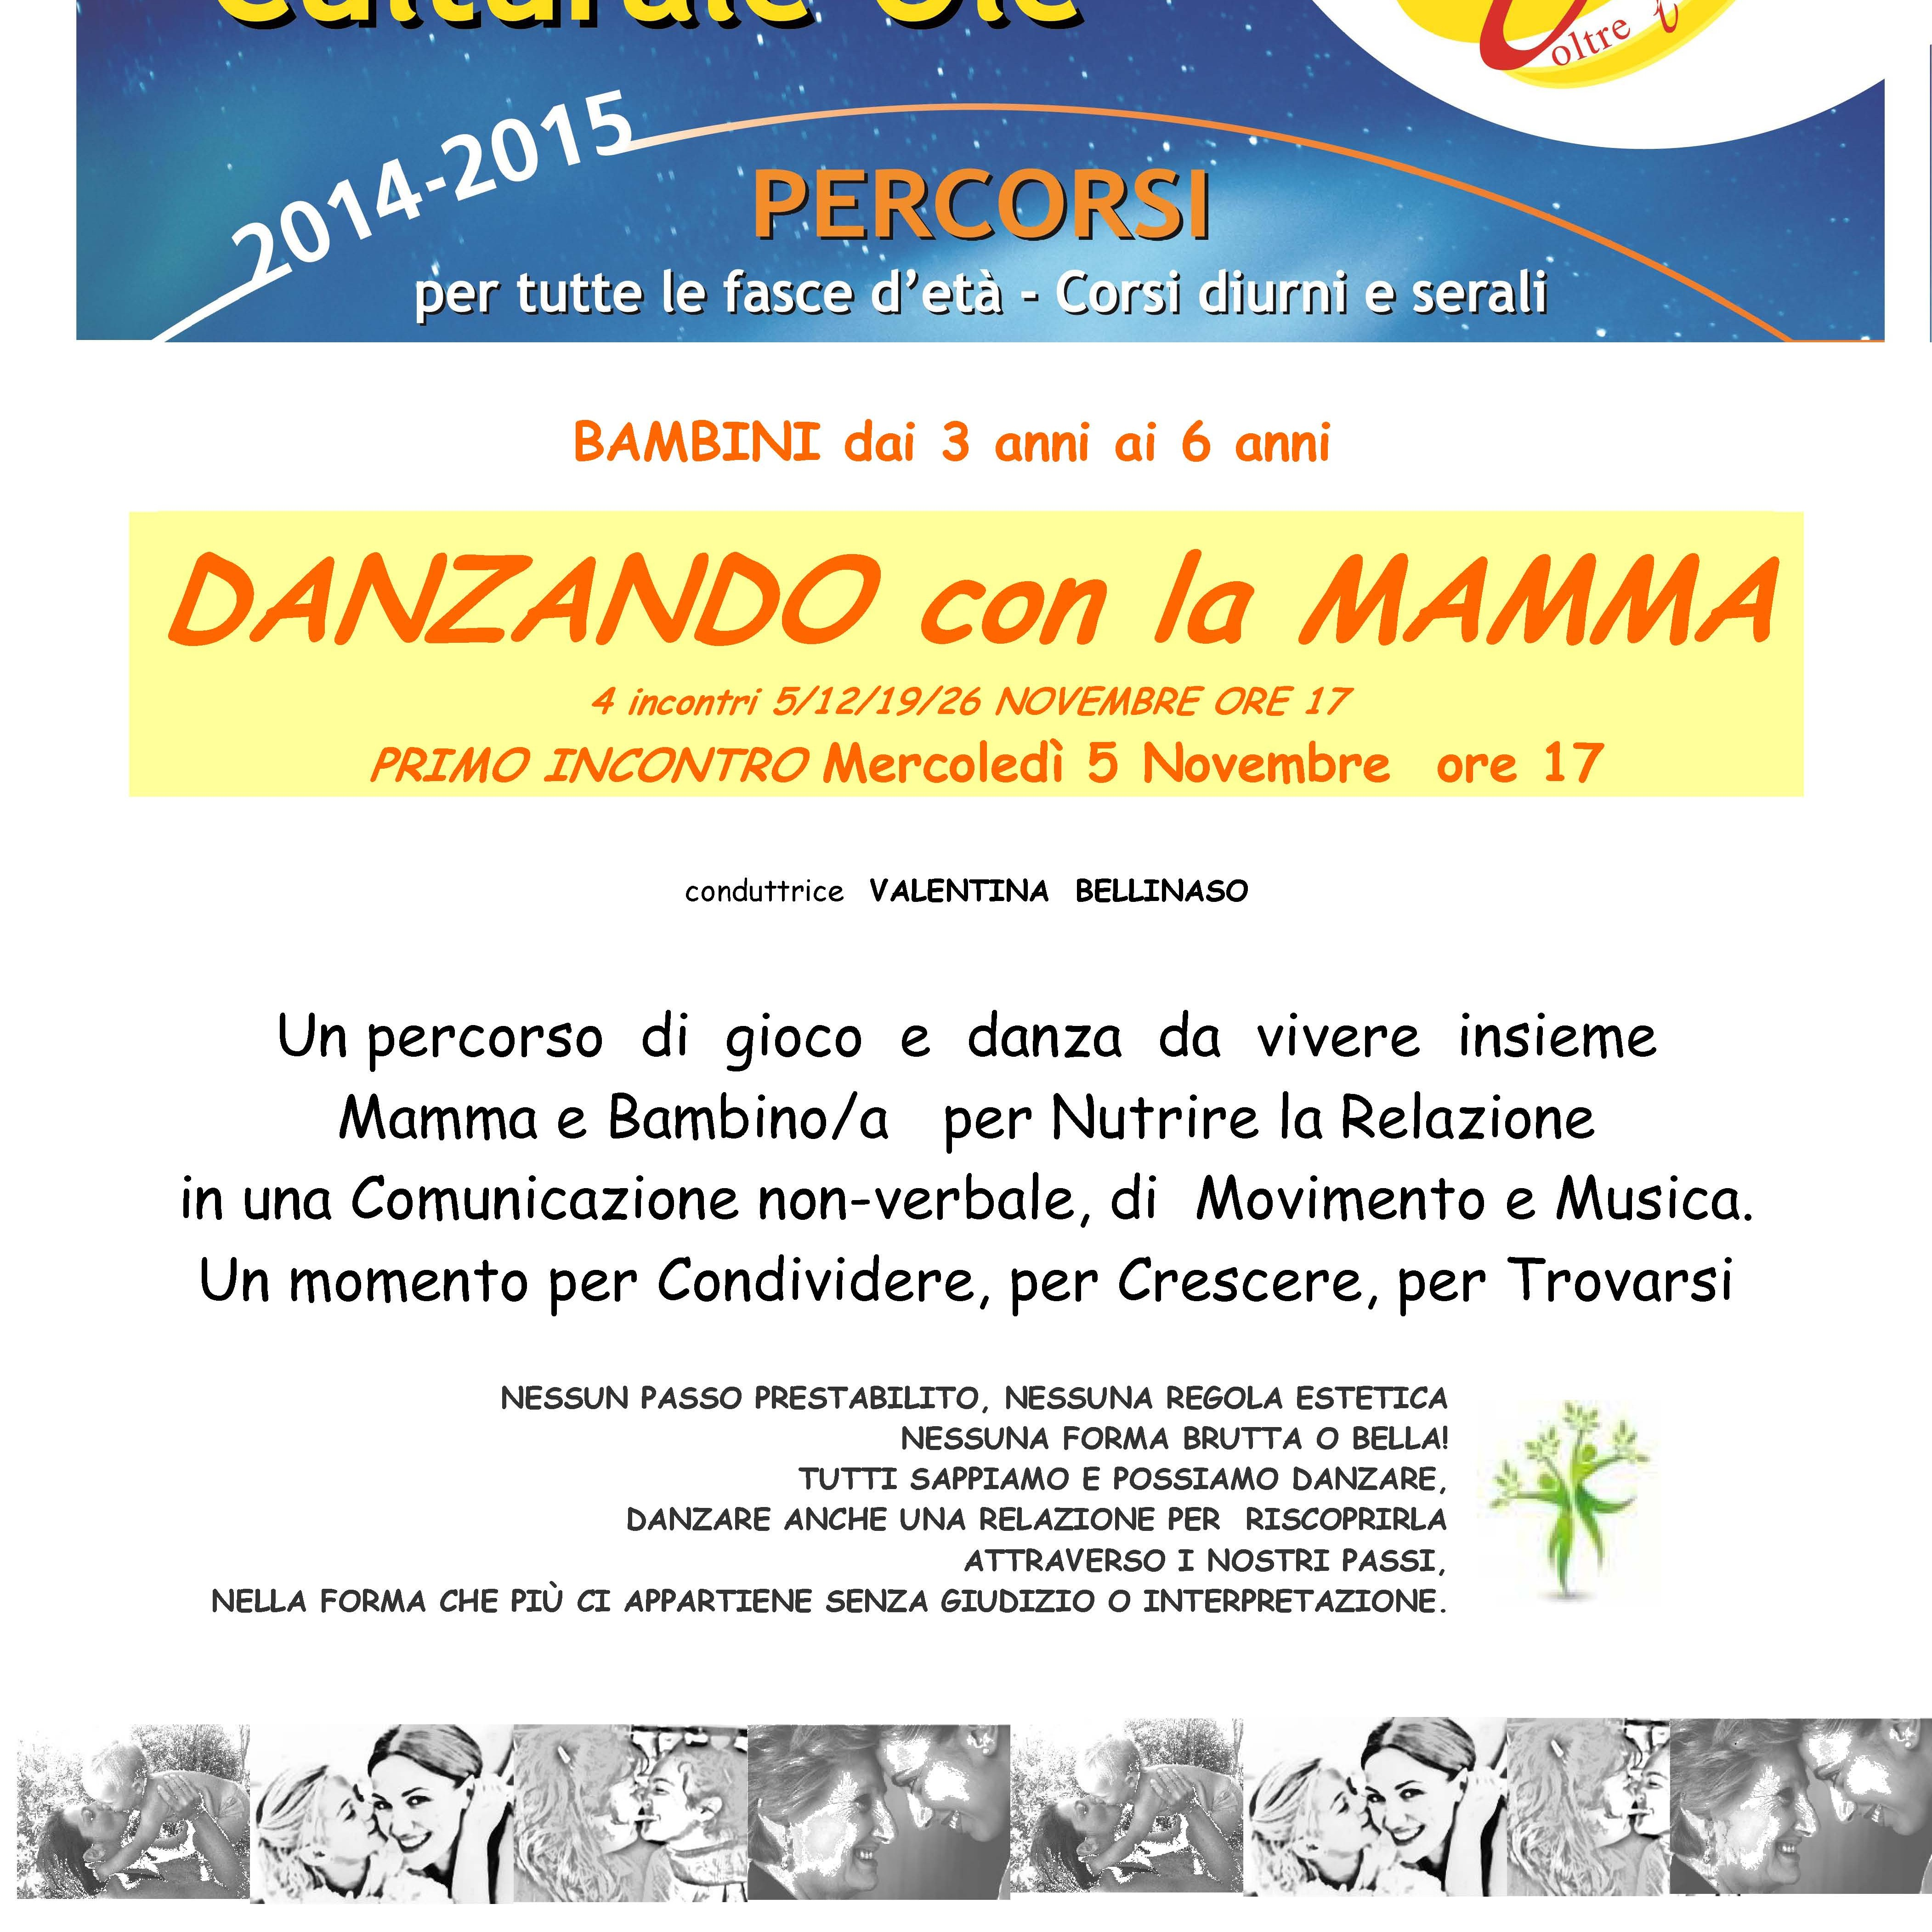 DANZANDO CON LA MAMMA